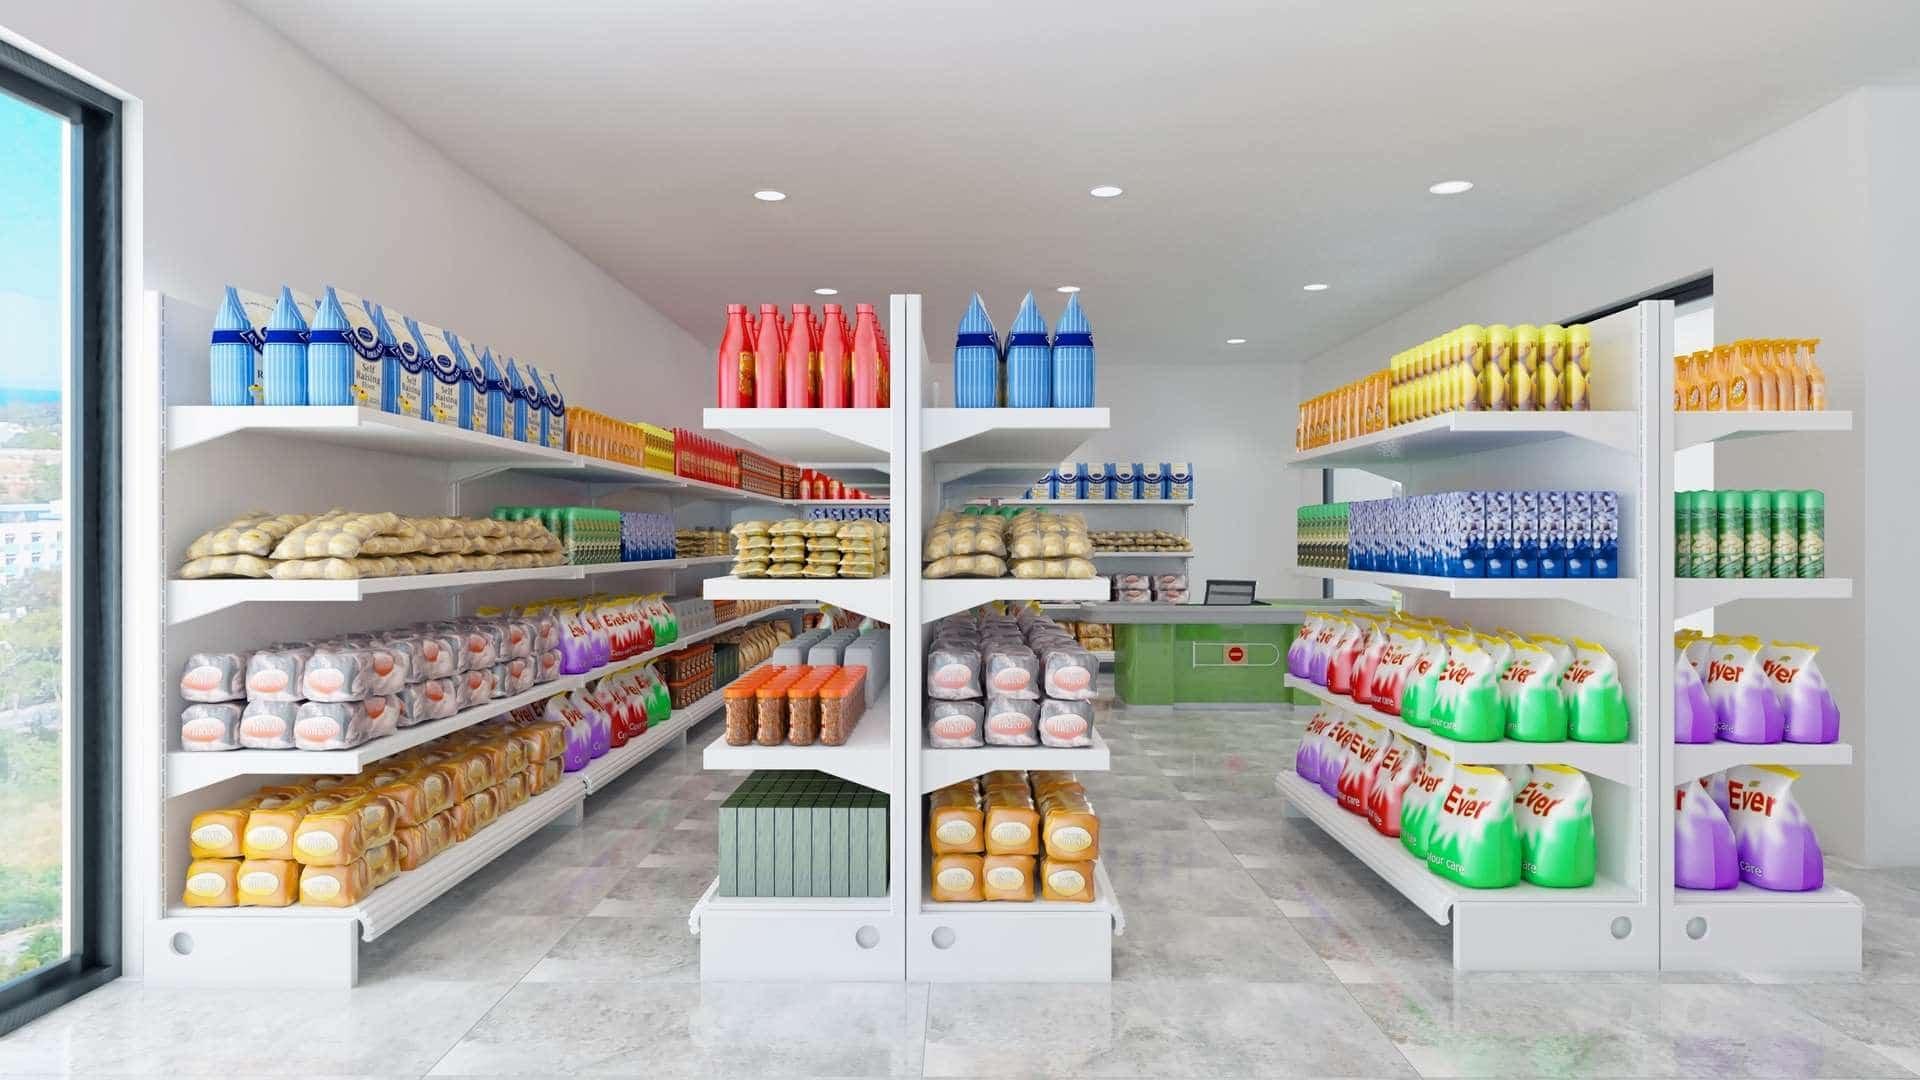 Kinh nghiệm mở cửa hàng tạp hóa chi tiết nhất cho người mới bắt đầu